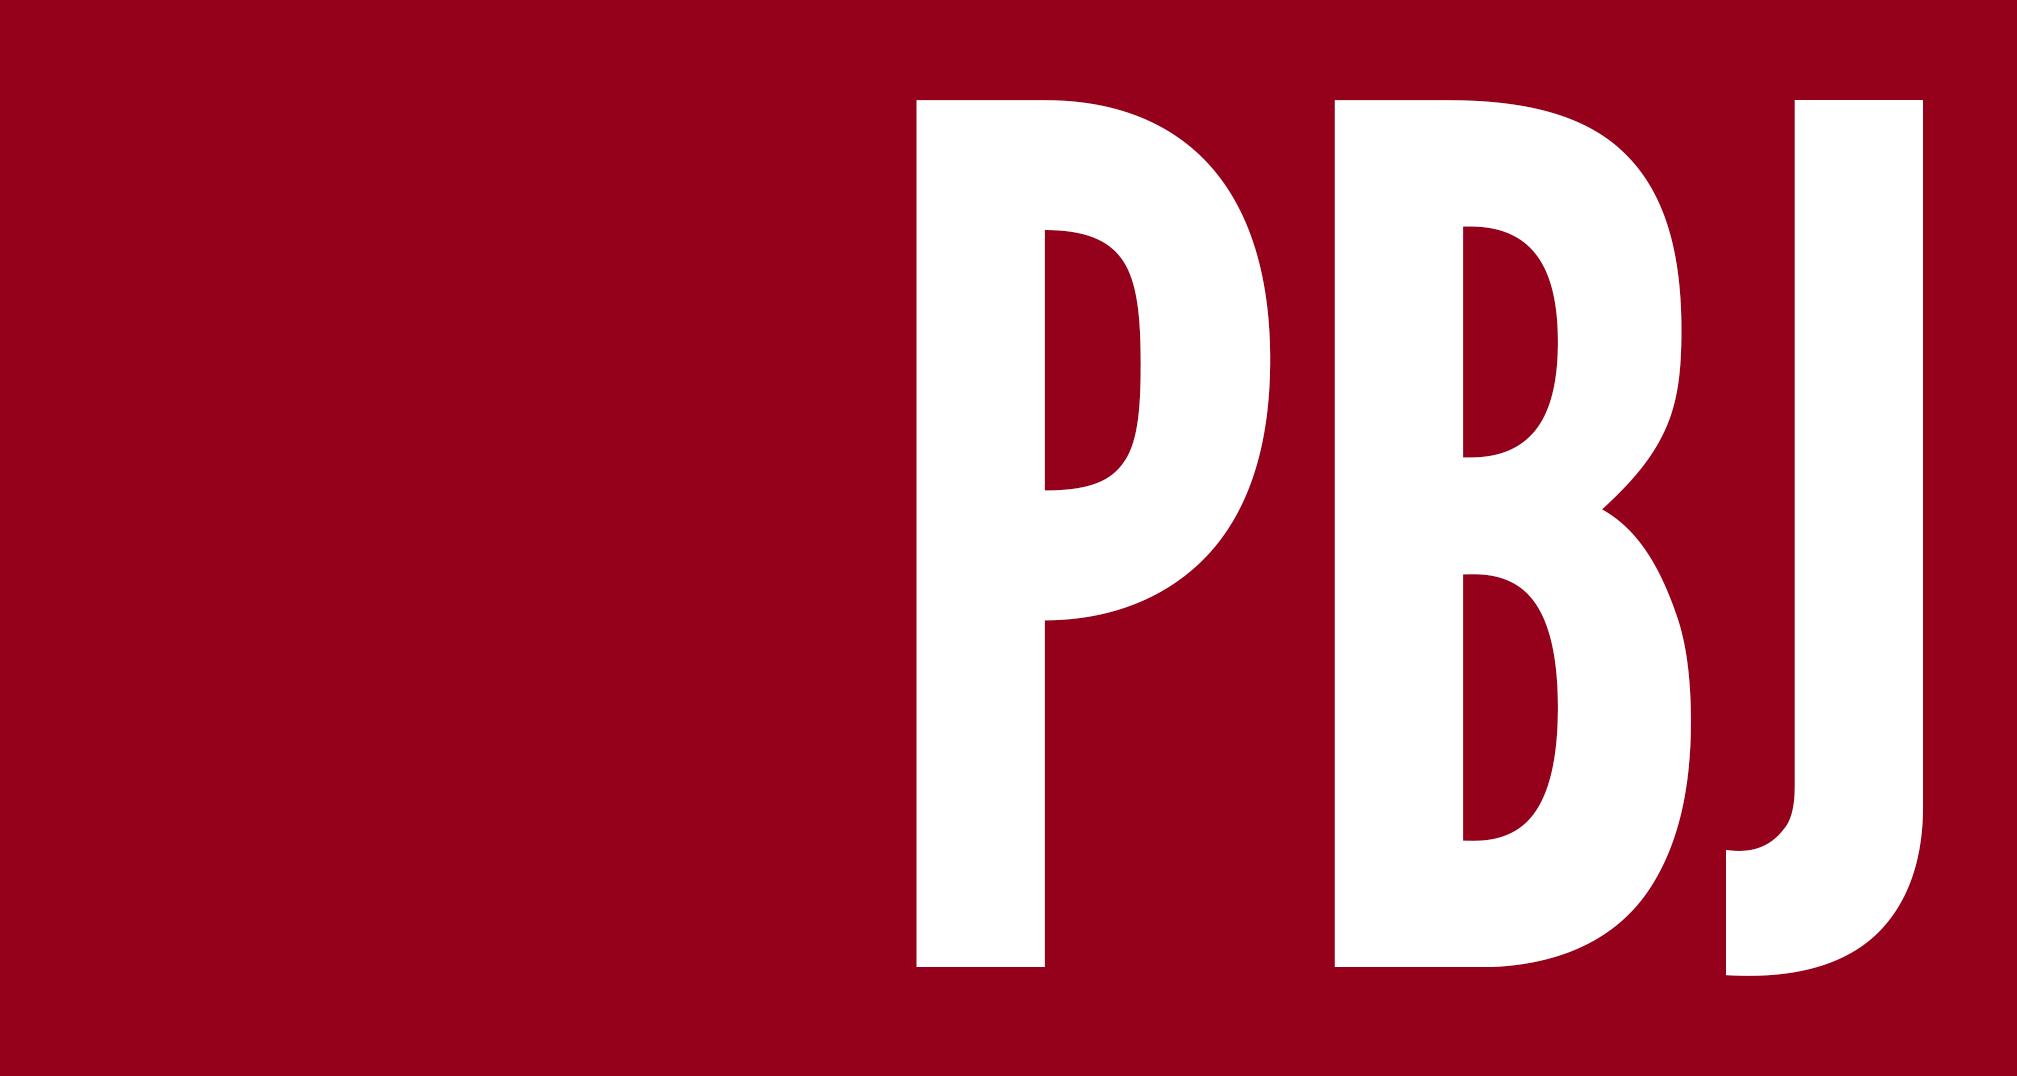 Penn Bioethics Journal Logo